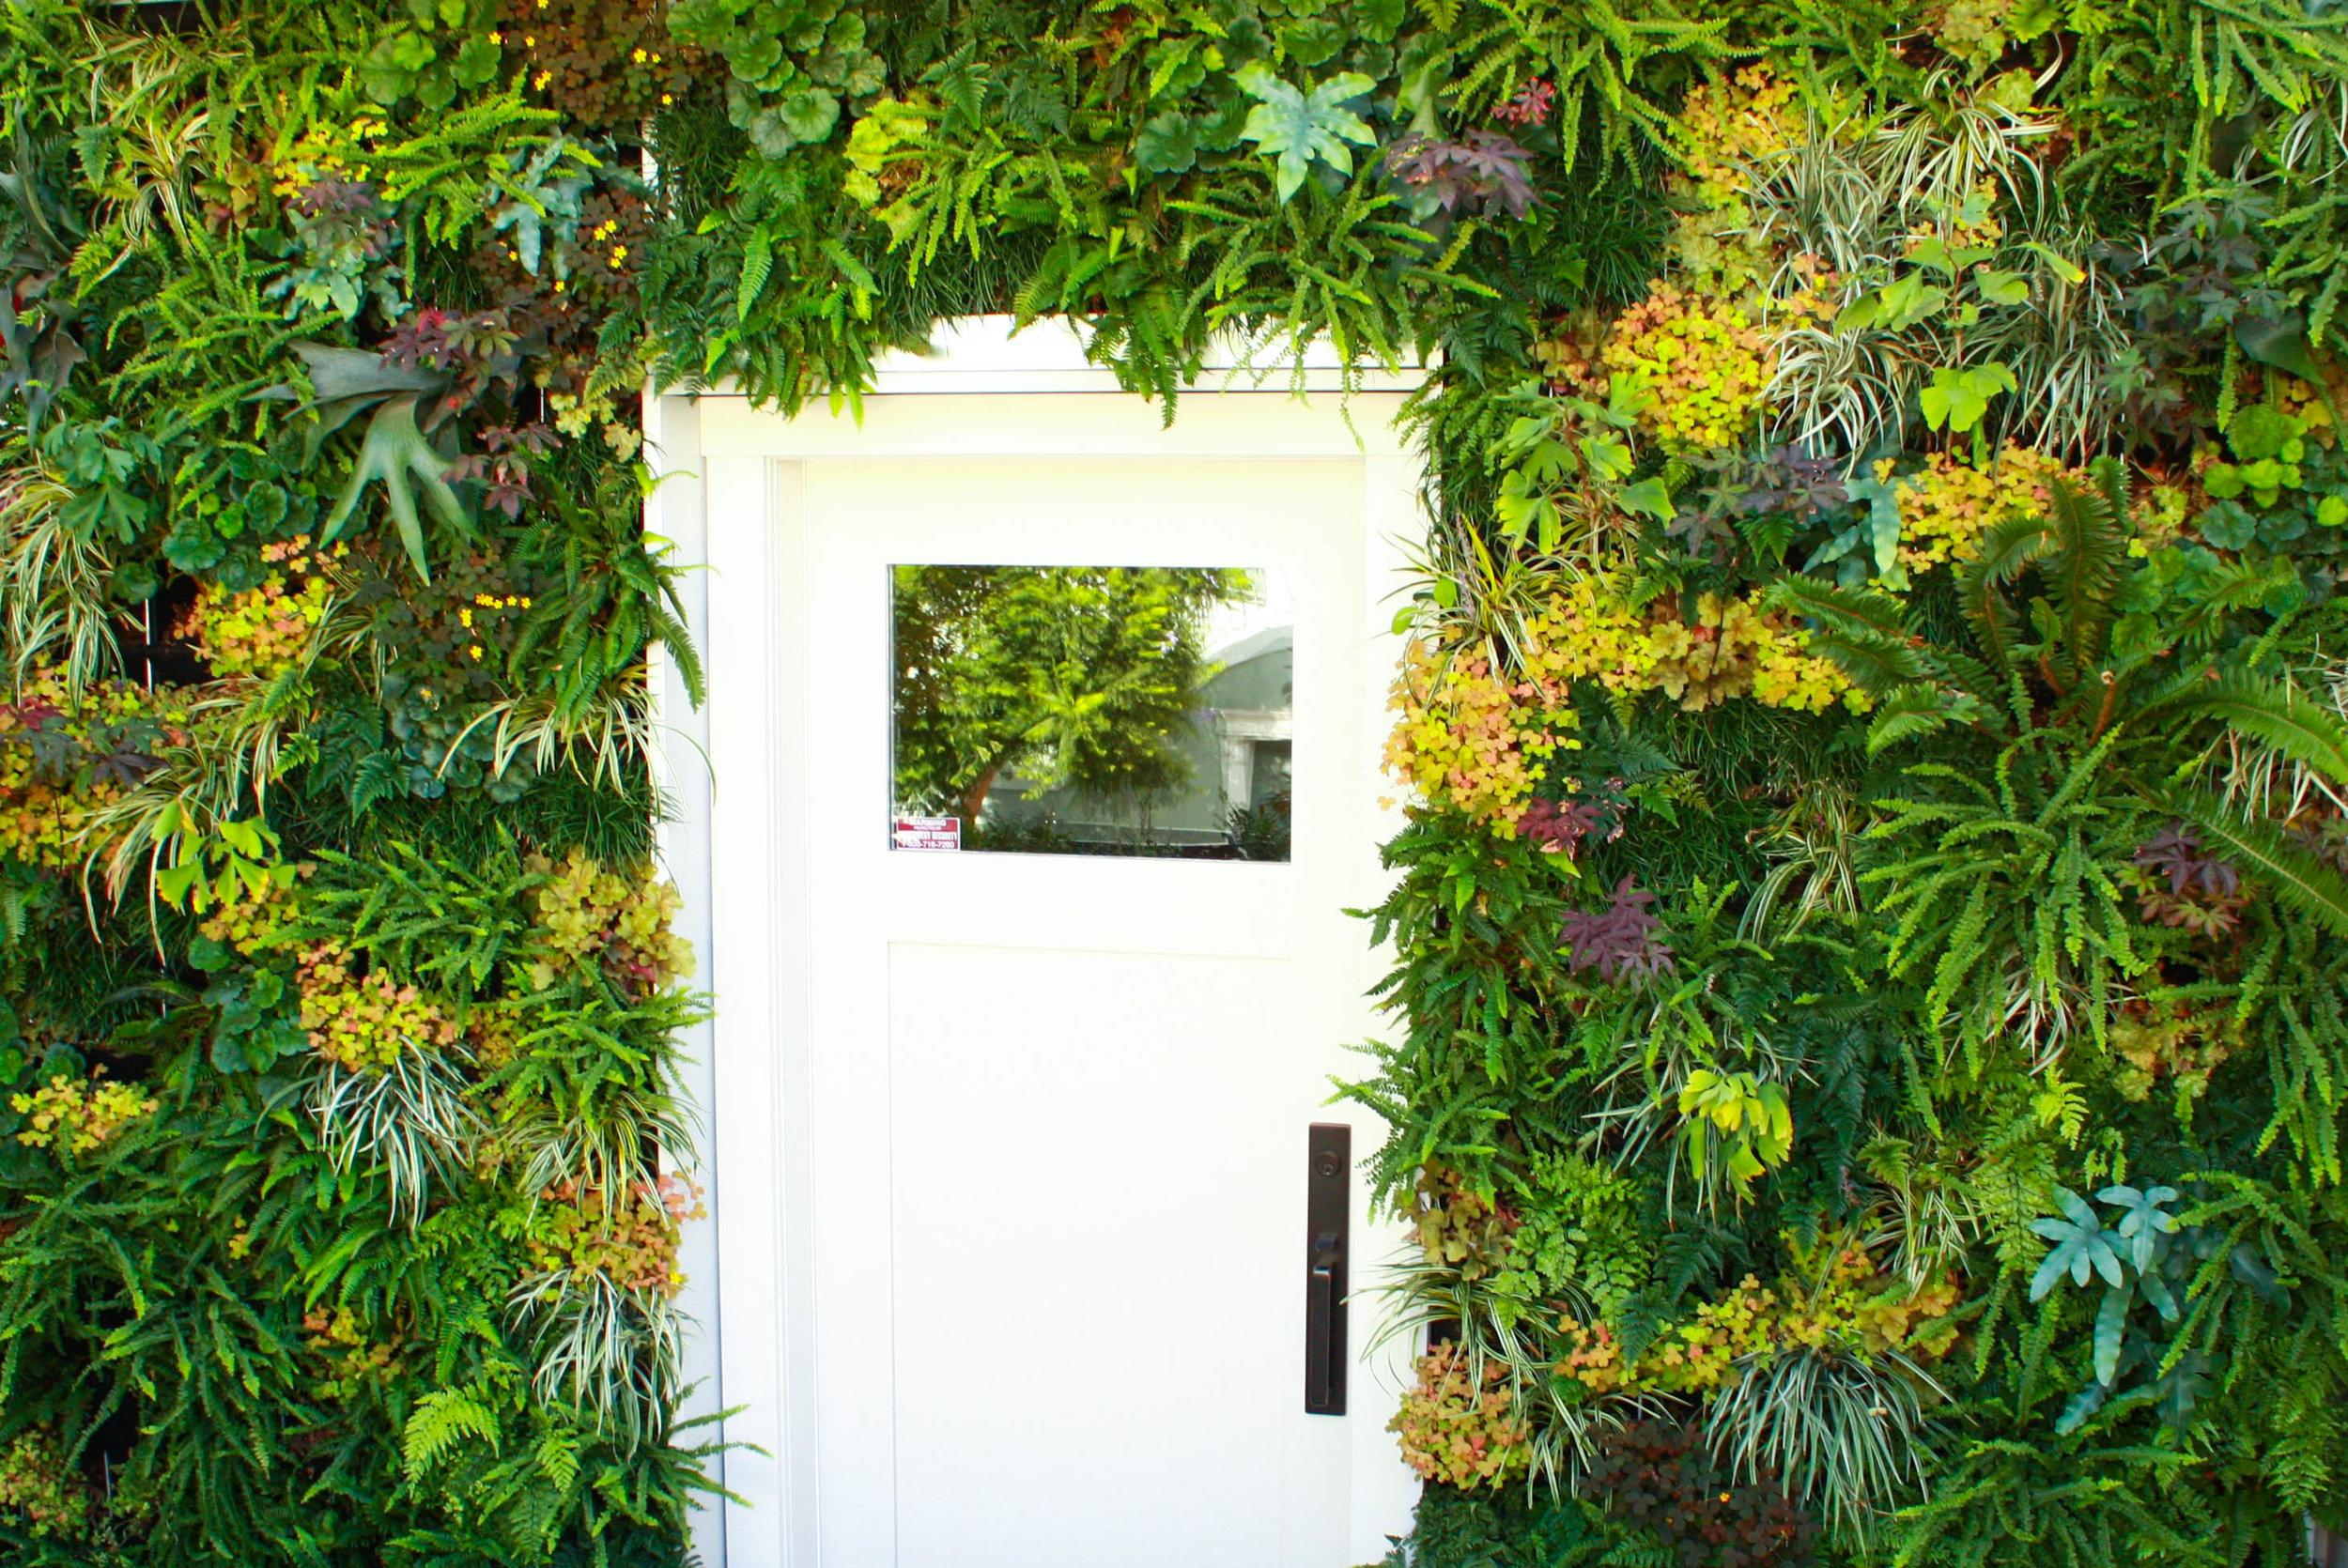 green wall with door 2.jpg